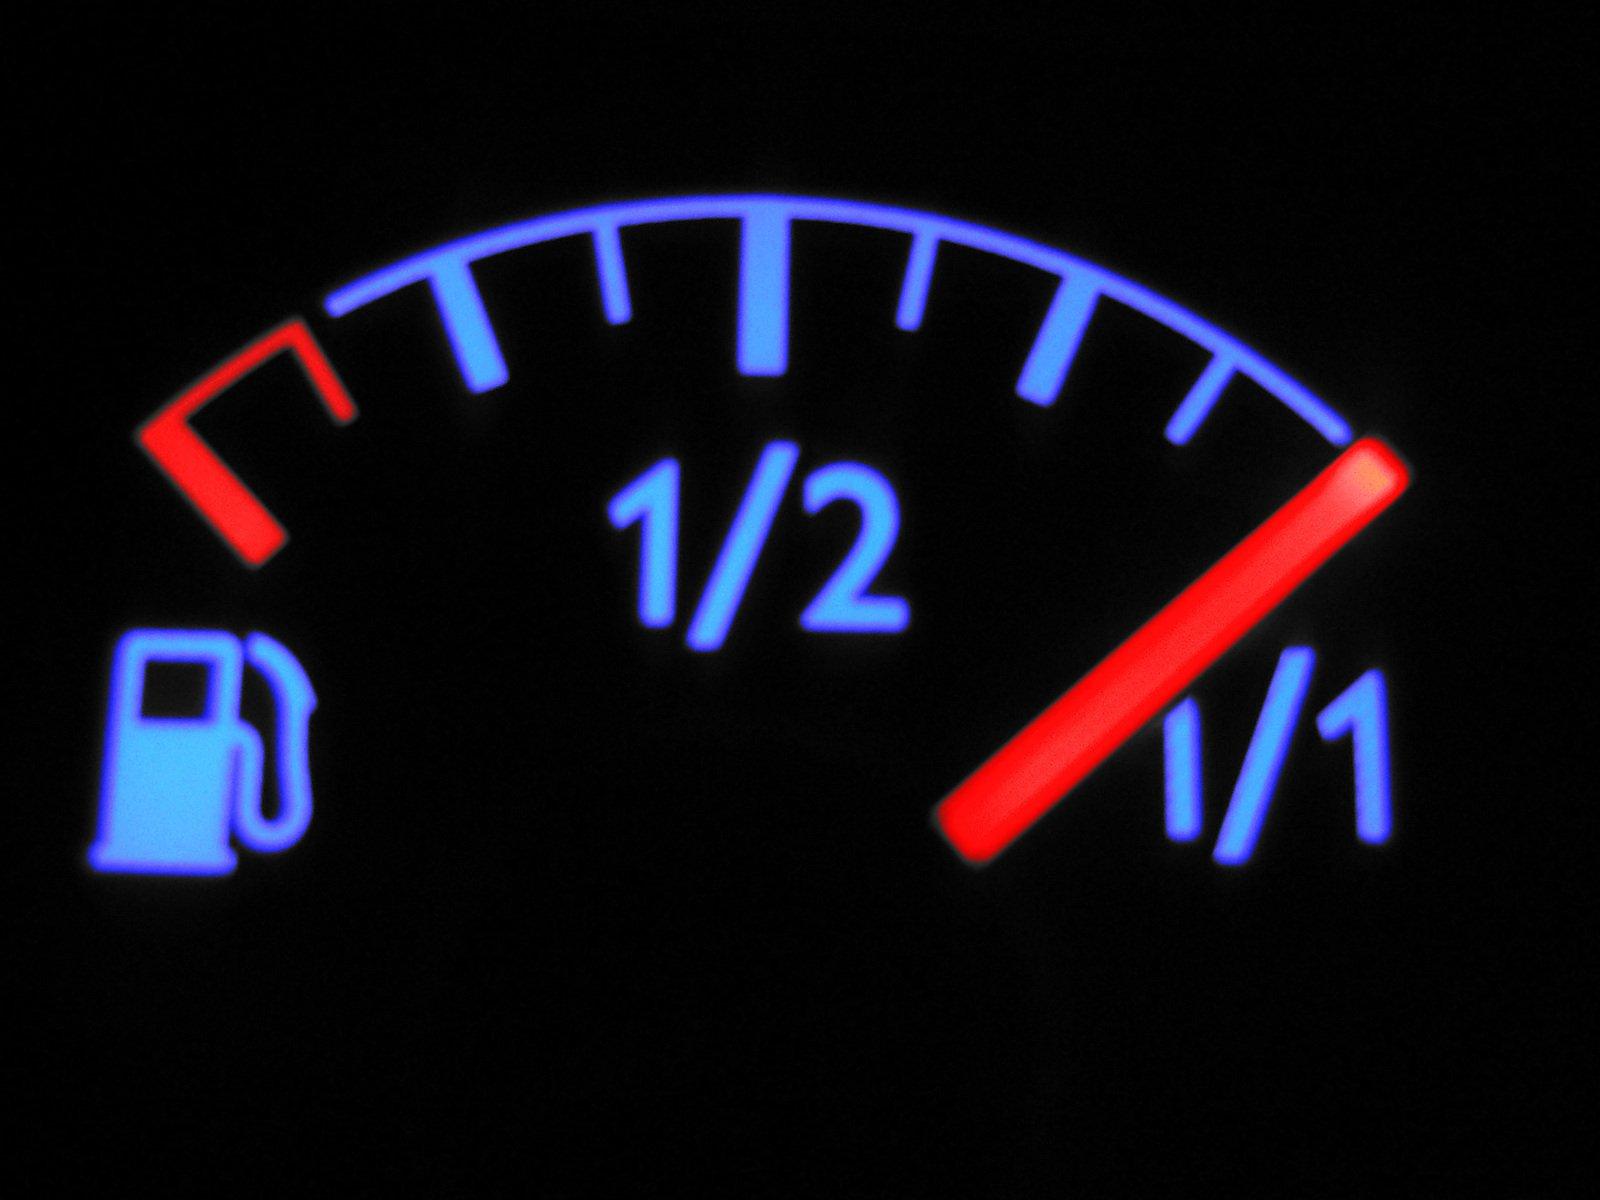 NB Gas Prices Down Again